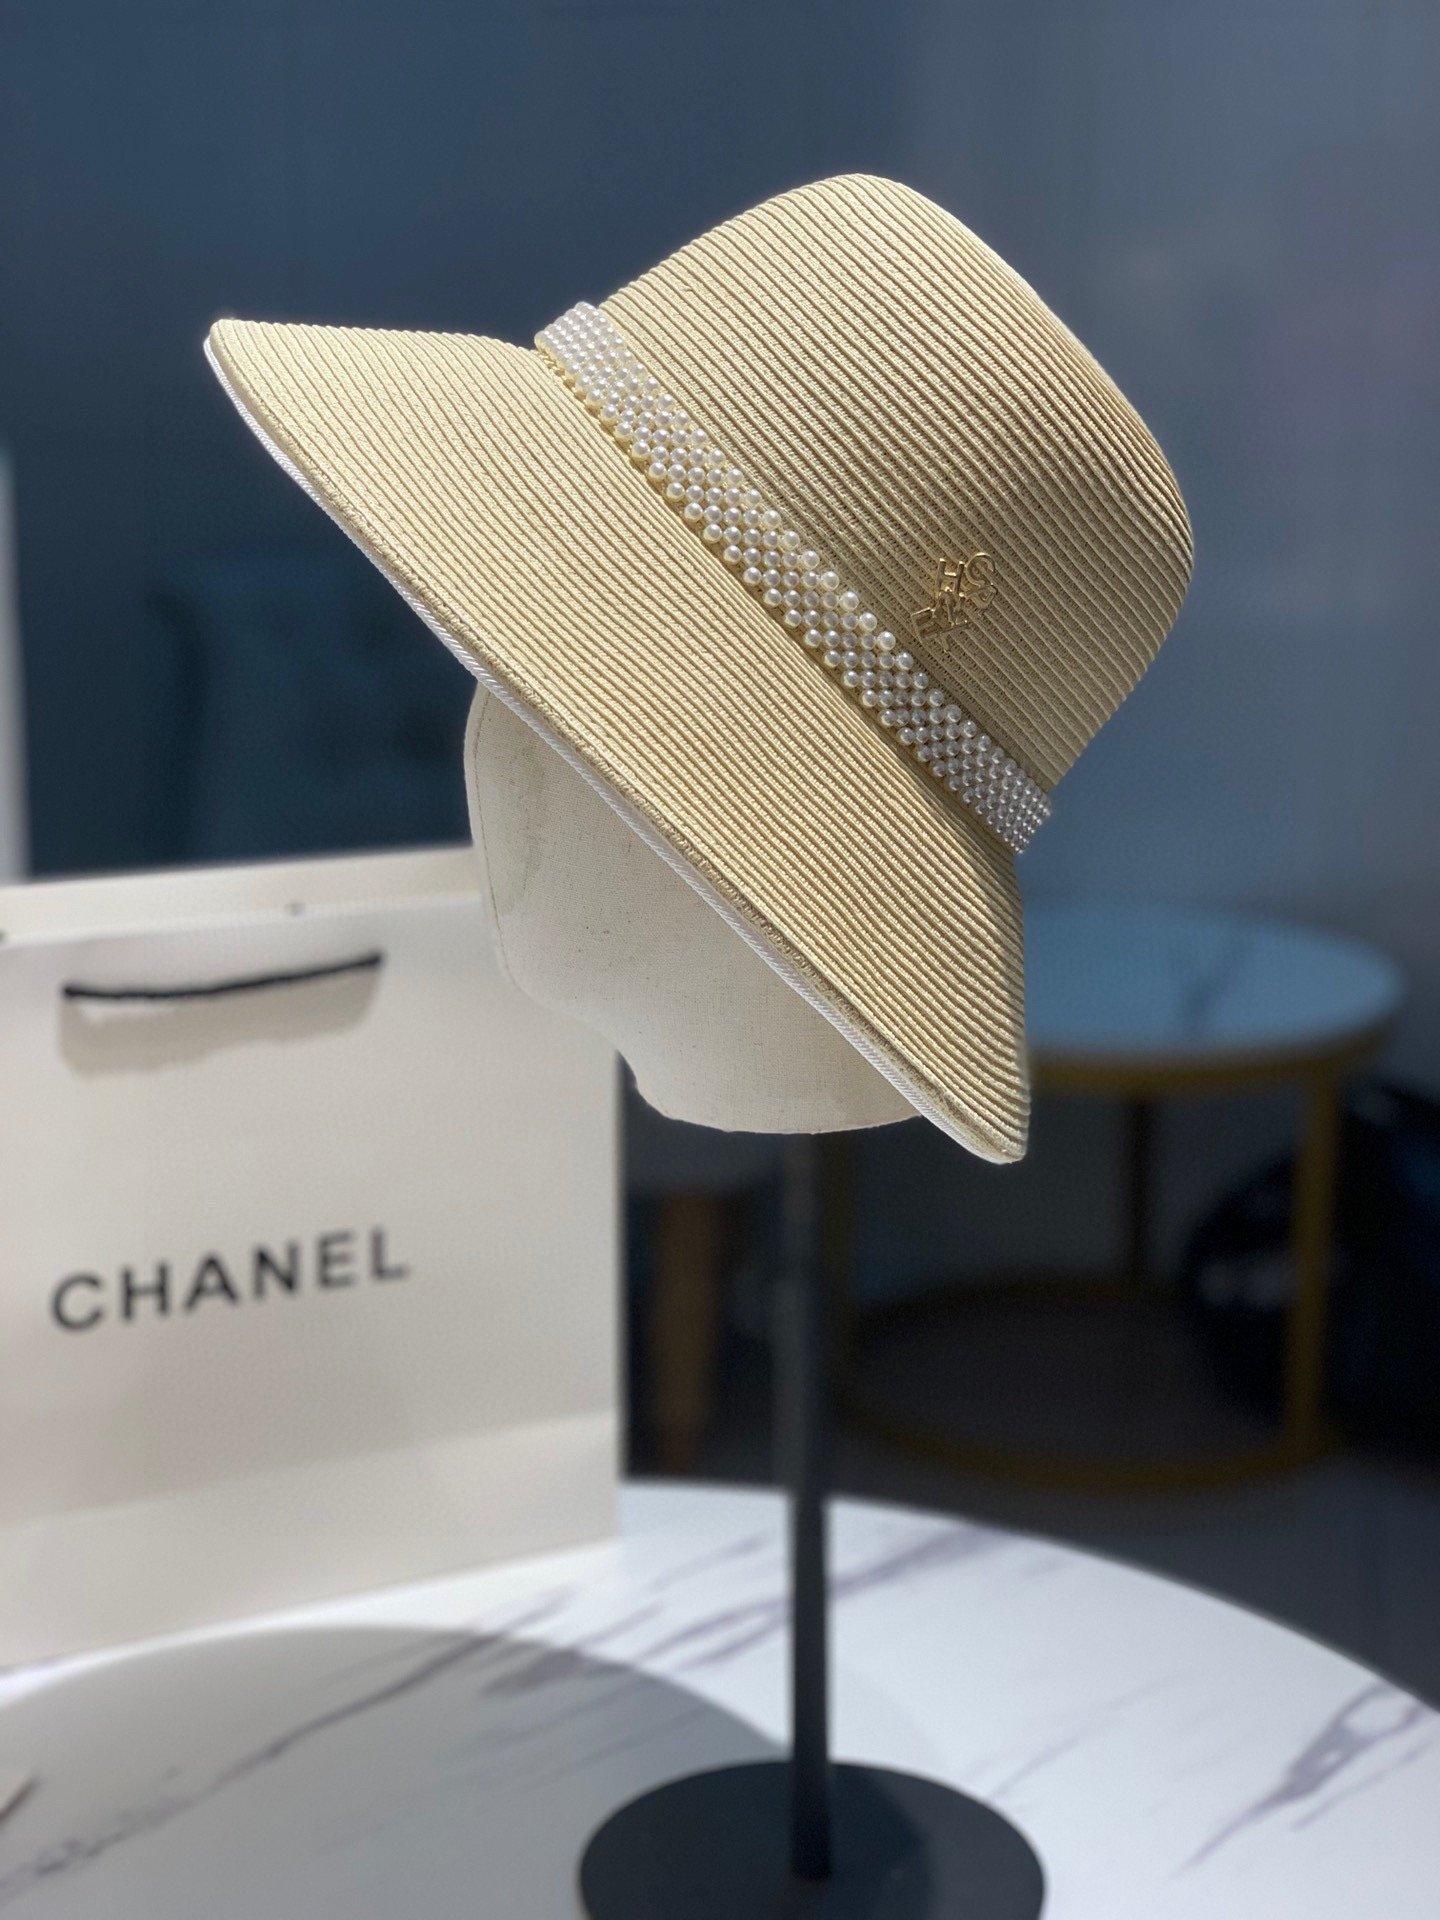 Chanel香奈儿新款草帽大檐帽珍珠